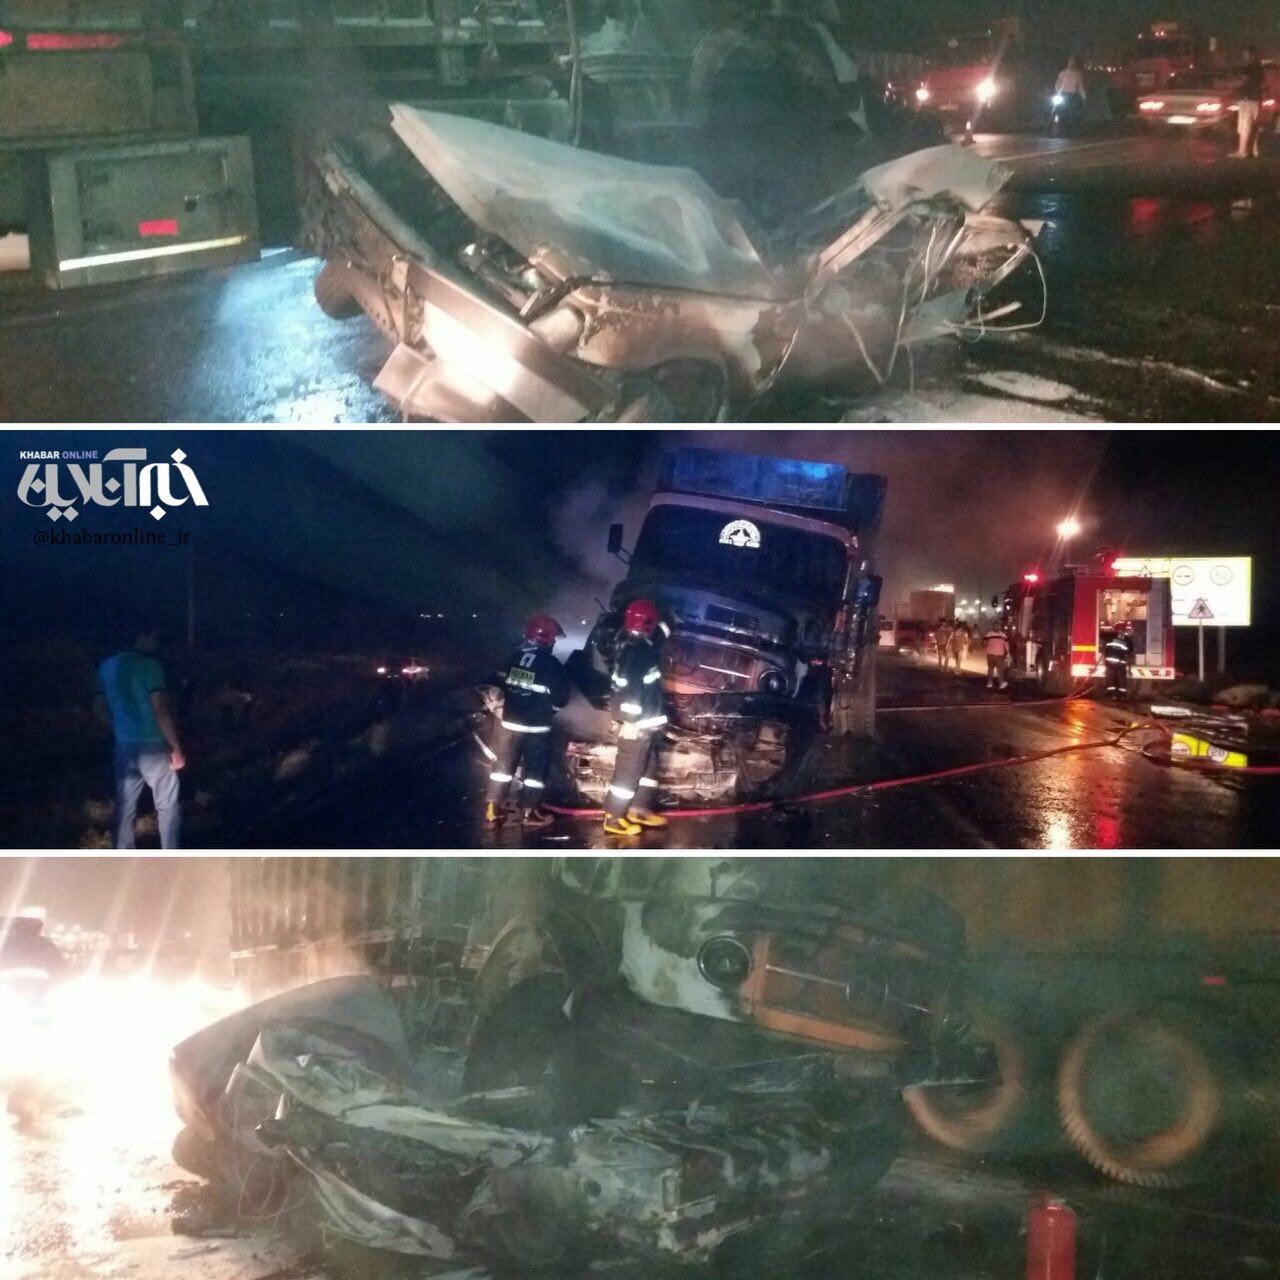 4 کشته در تصادف ۴۰۵ با تریلی در جاده تبریز-زنجان (+عکس)